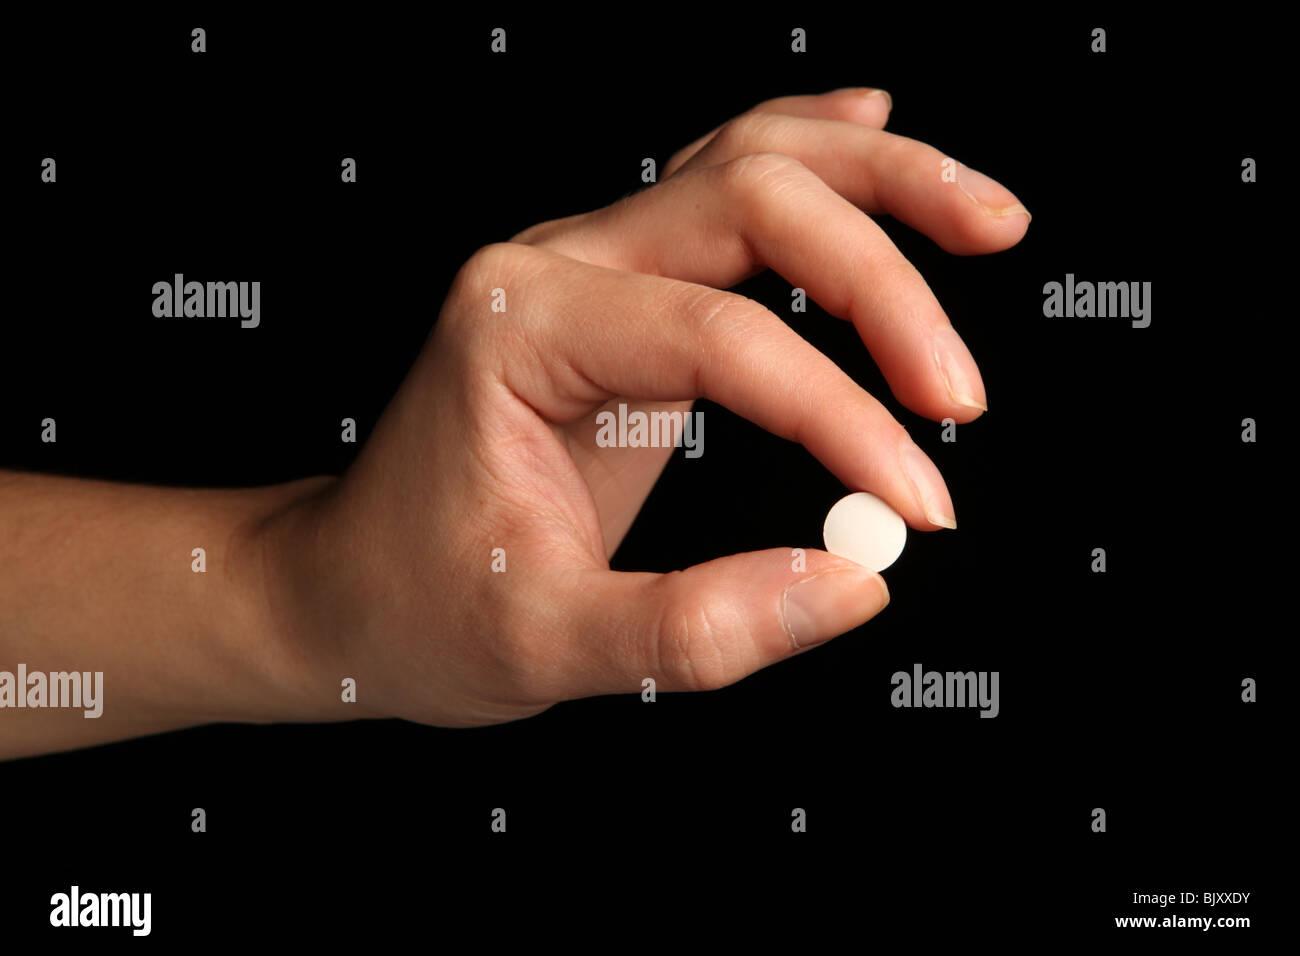 Eine weibliche Hand eine kleine weiße Pille zwischen den Fingern Stockbild